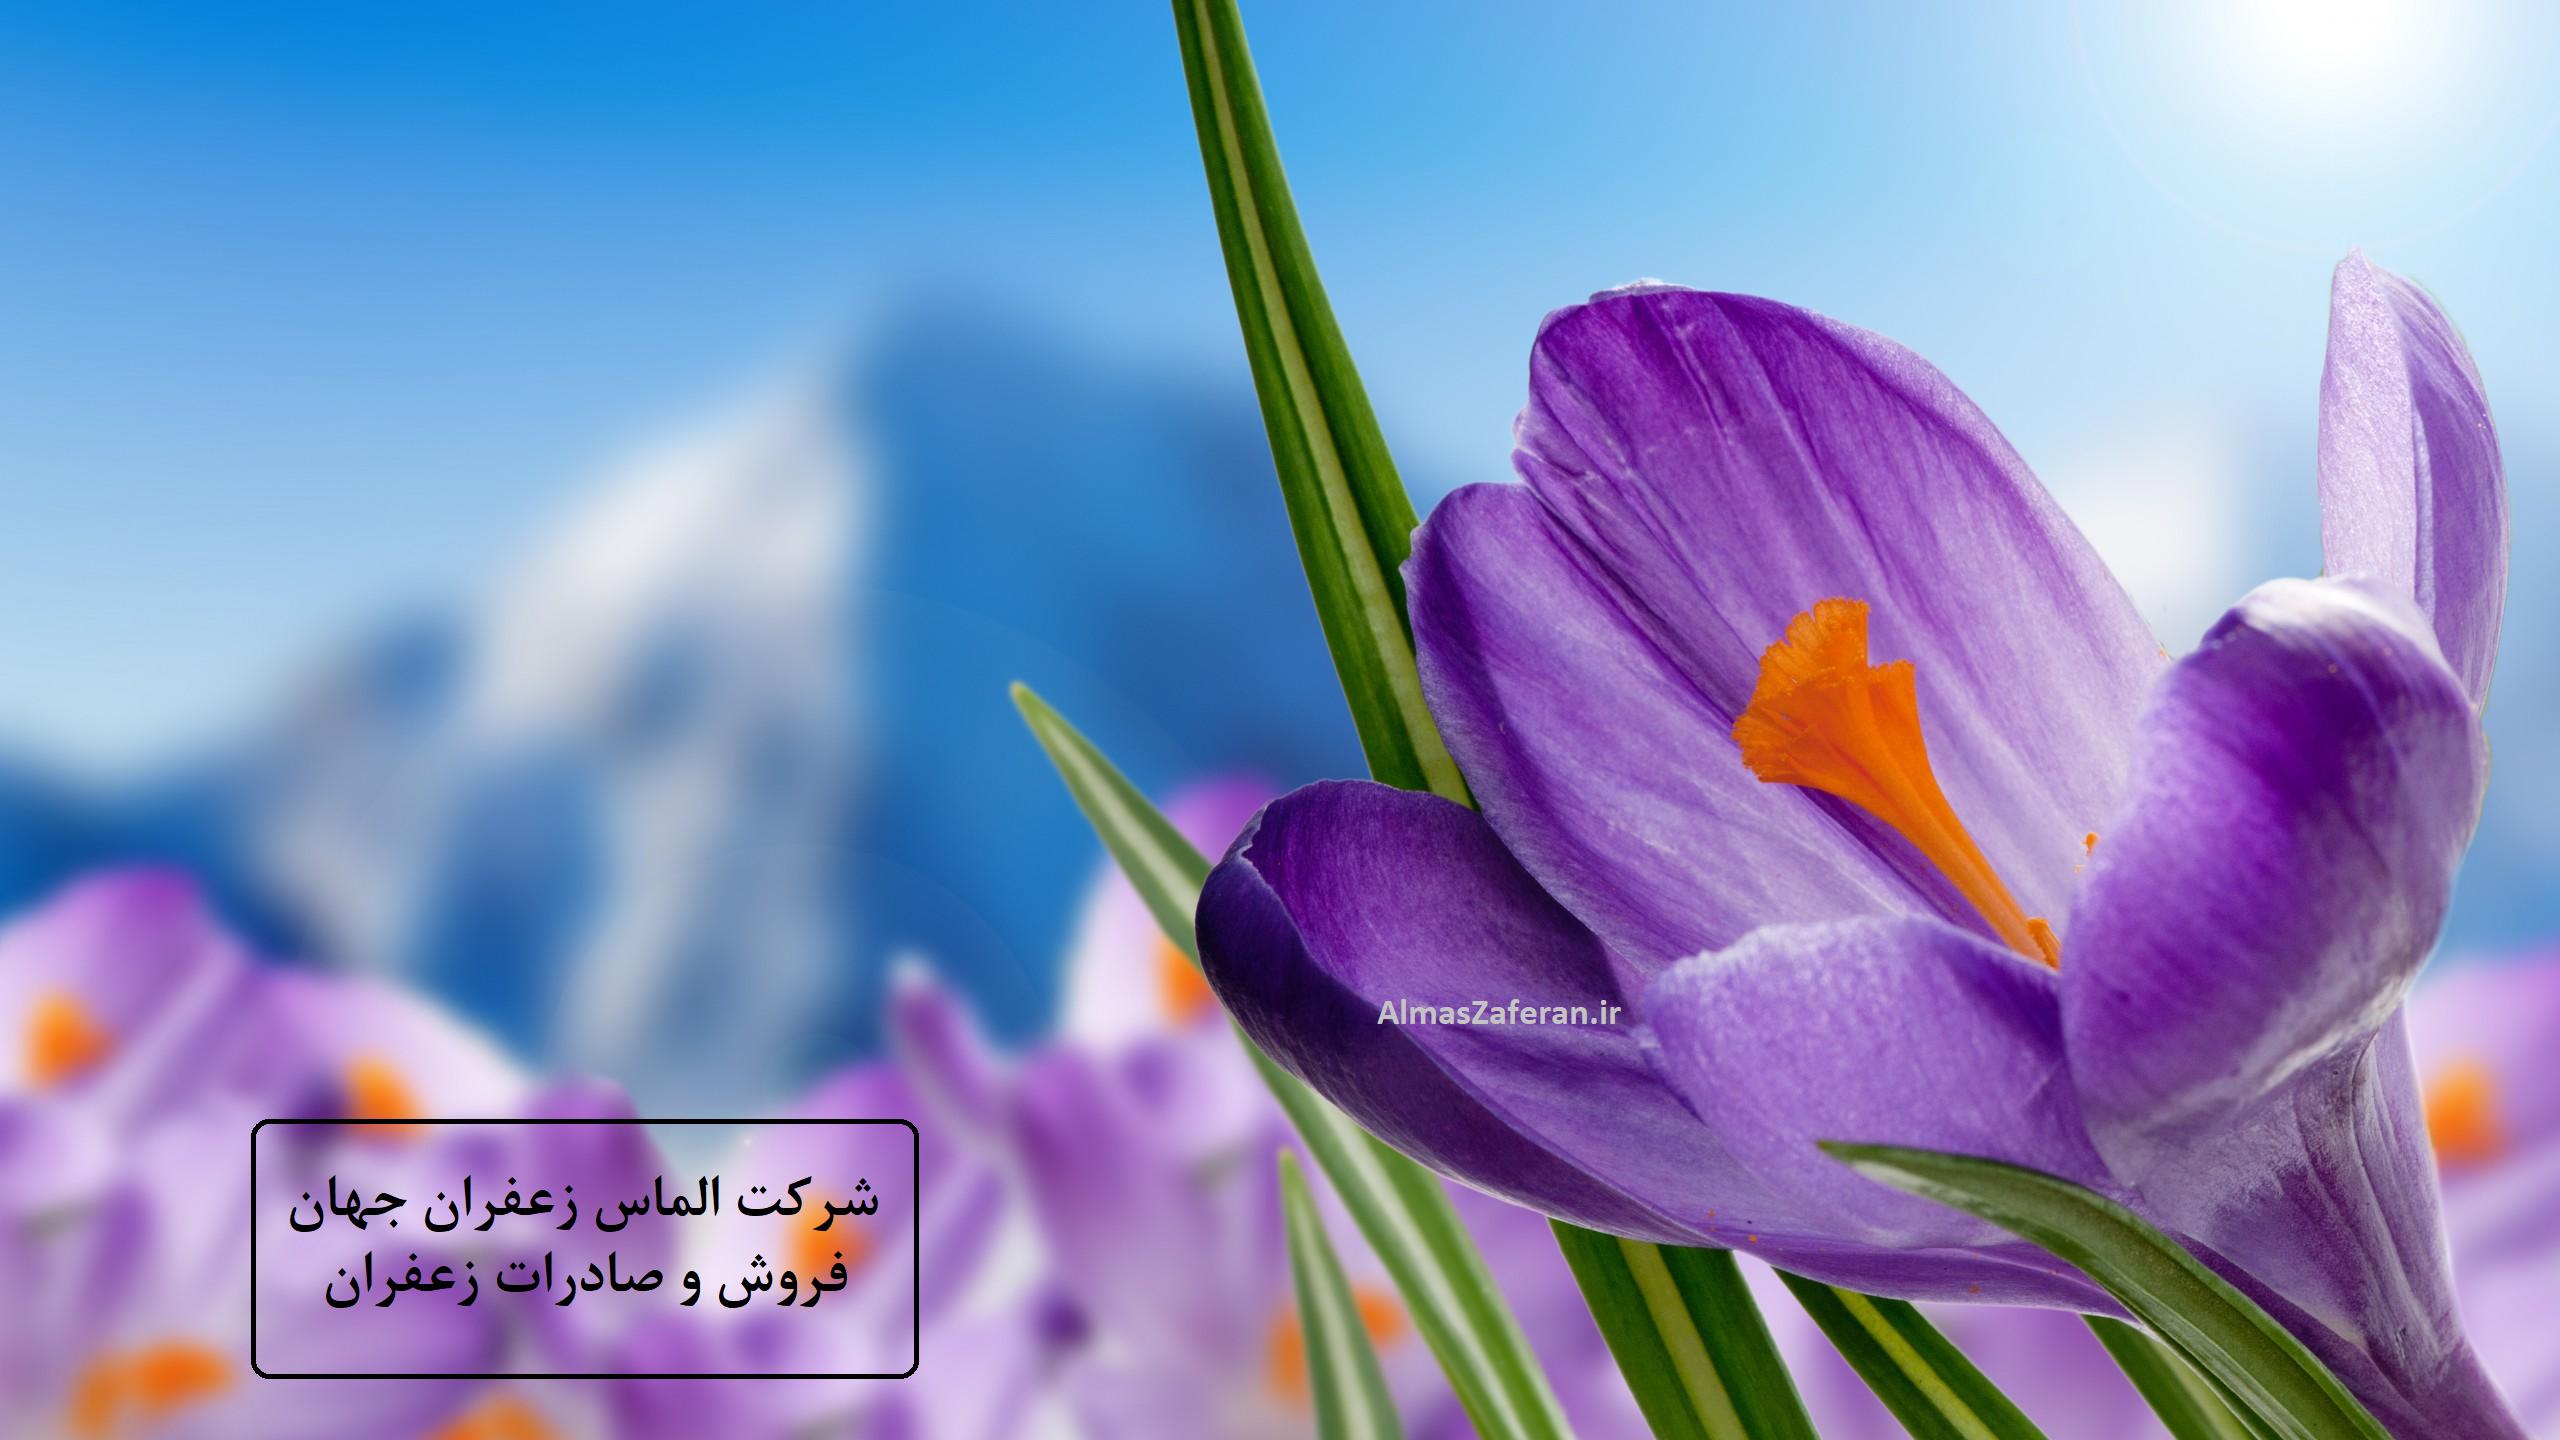 قیمت زعفران صادراتی فله در بازار زعفران